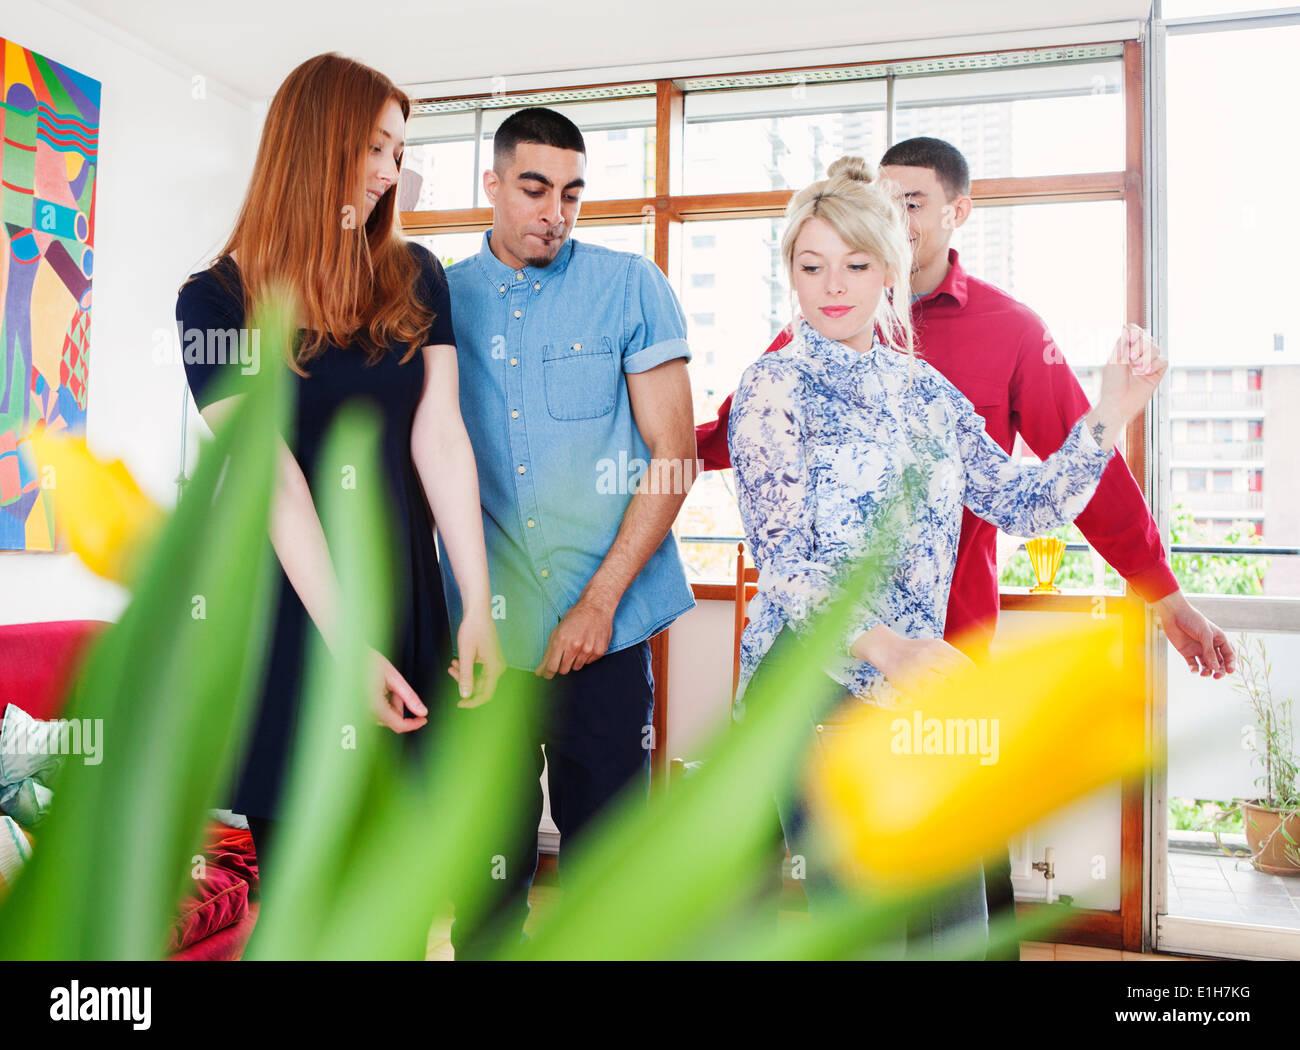 Junge Erwachsene im Wohnzimmer Stockbild